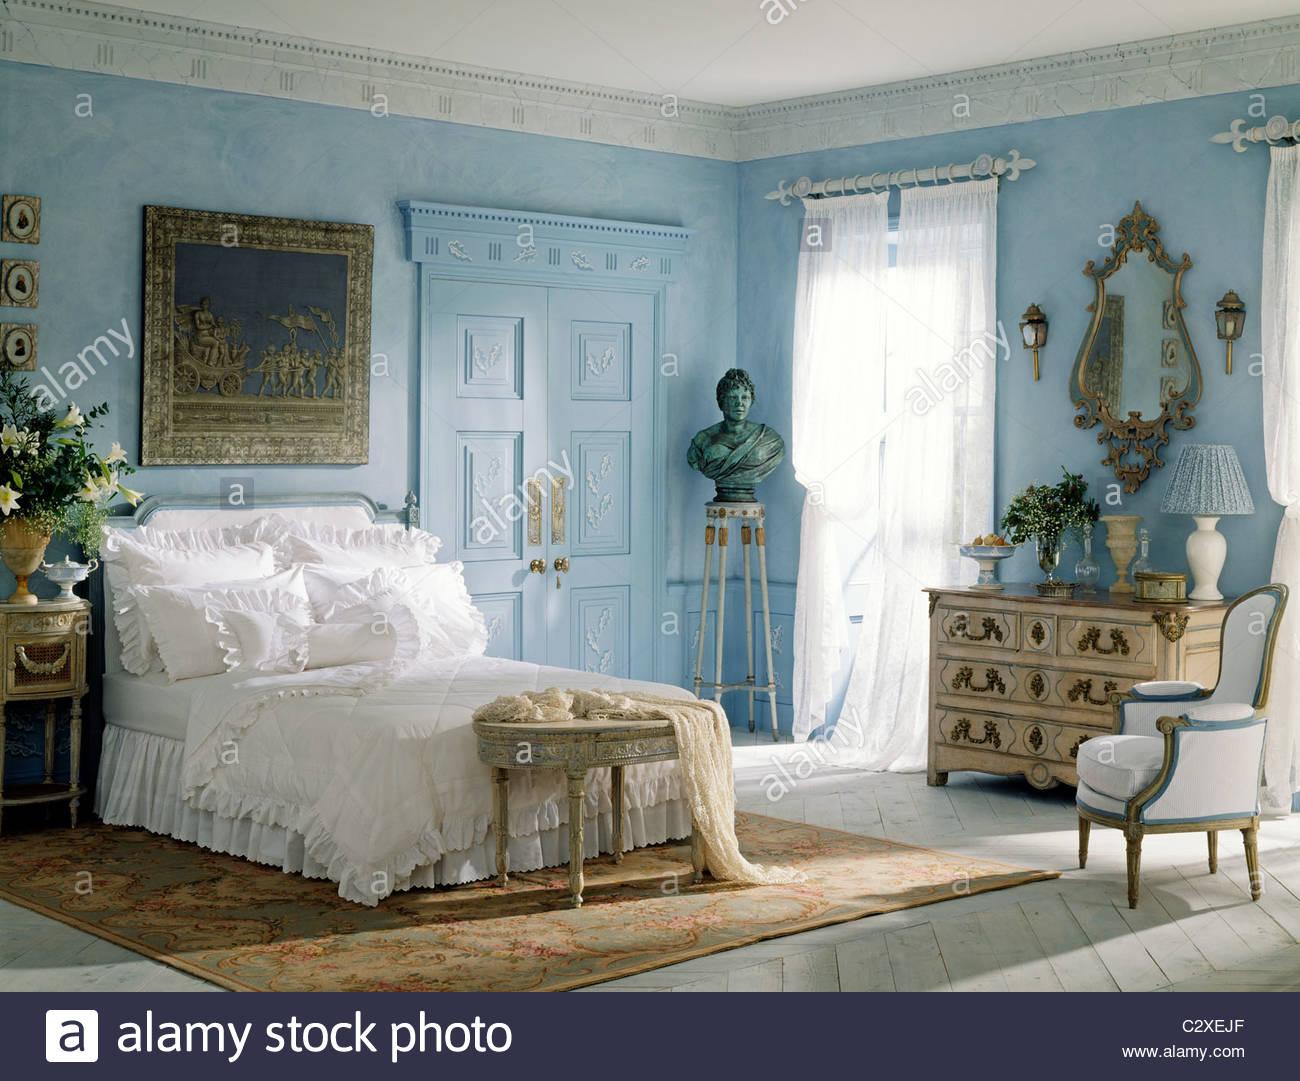 blau weiße schlafzimmermöbel französischen stil stockfoto, bild, Hause deko